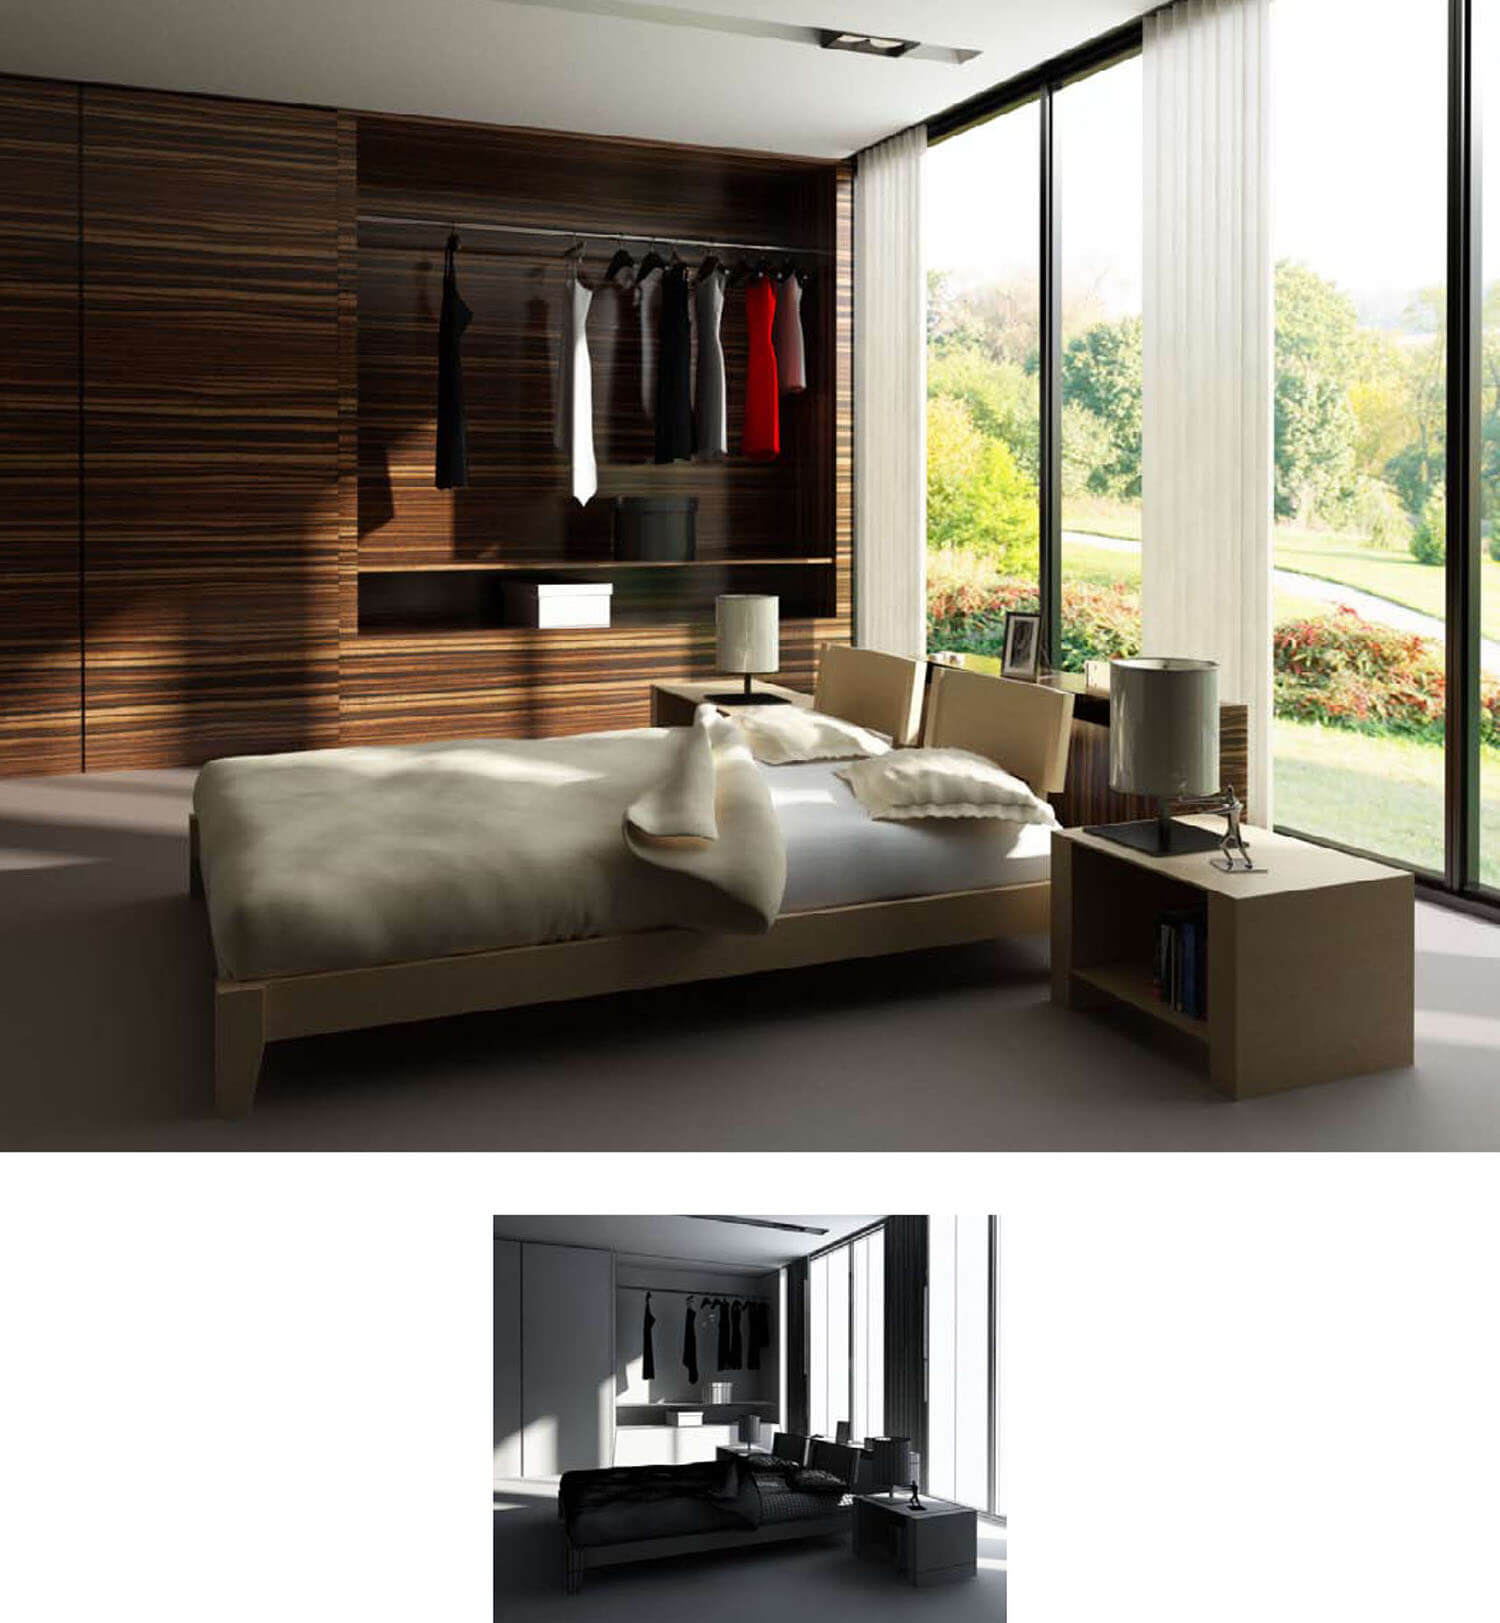 Thiết kế phòng ngủ với cửa kính lớn đón ánh sáng tràn ngập căn phòng